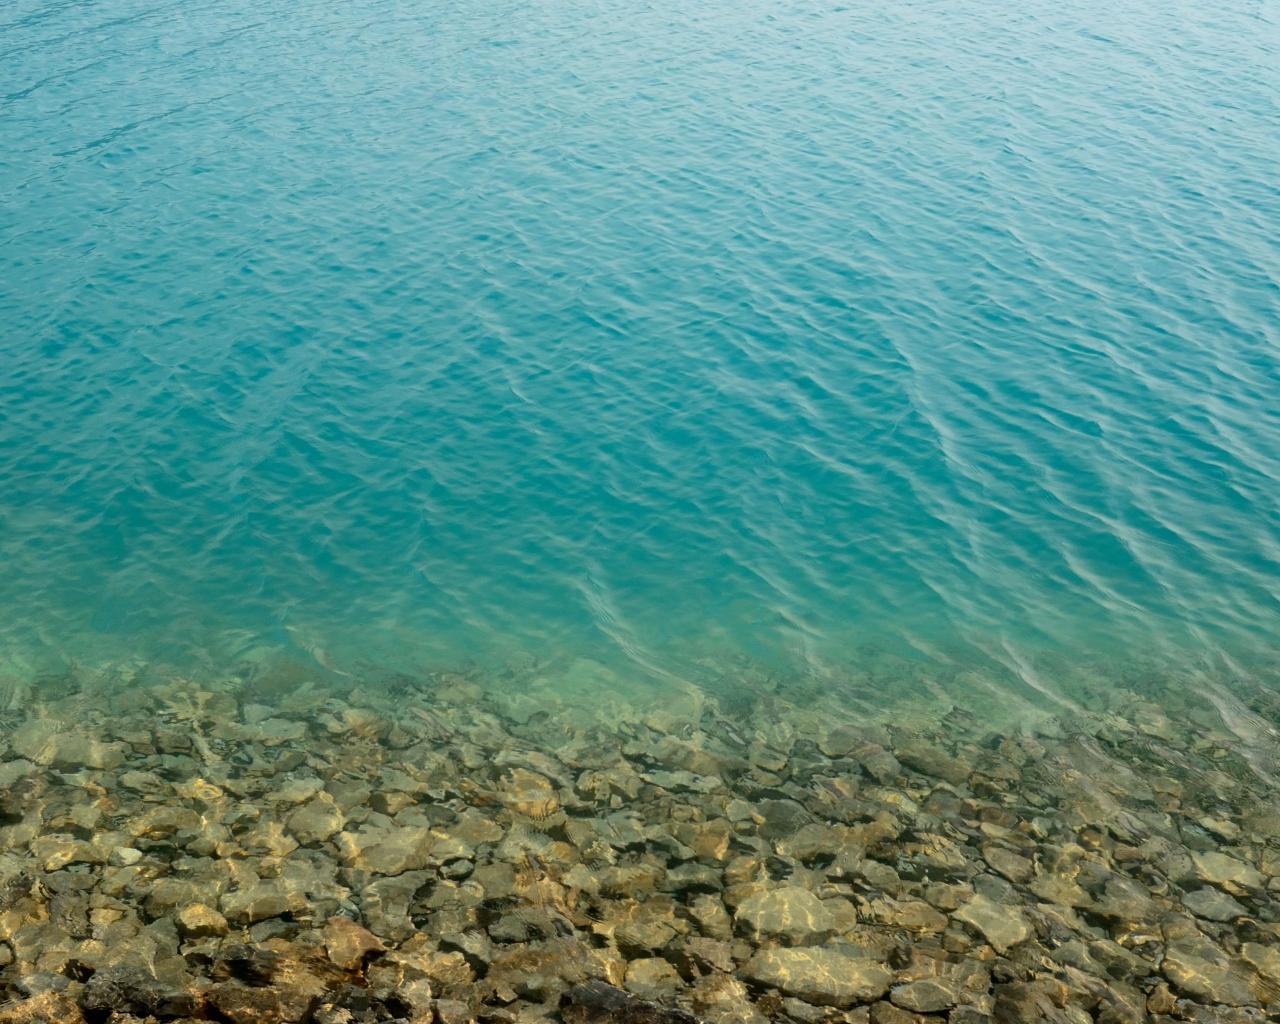 El agua de los lagos - 1280x1024